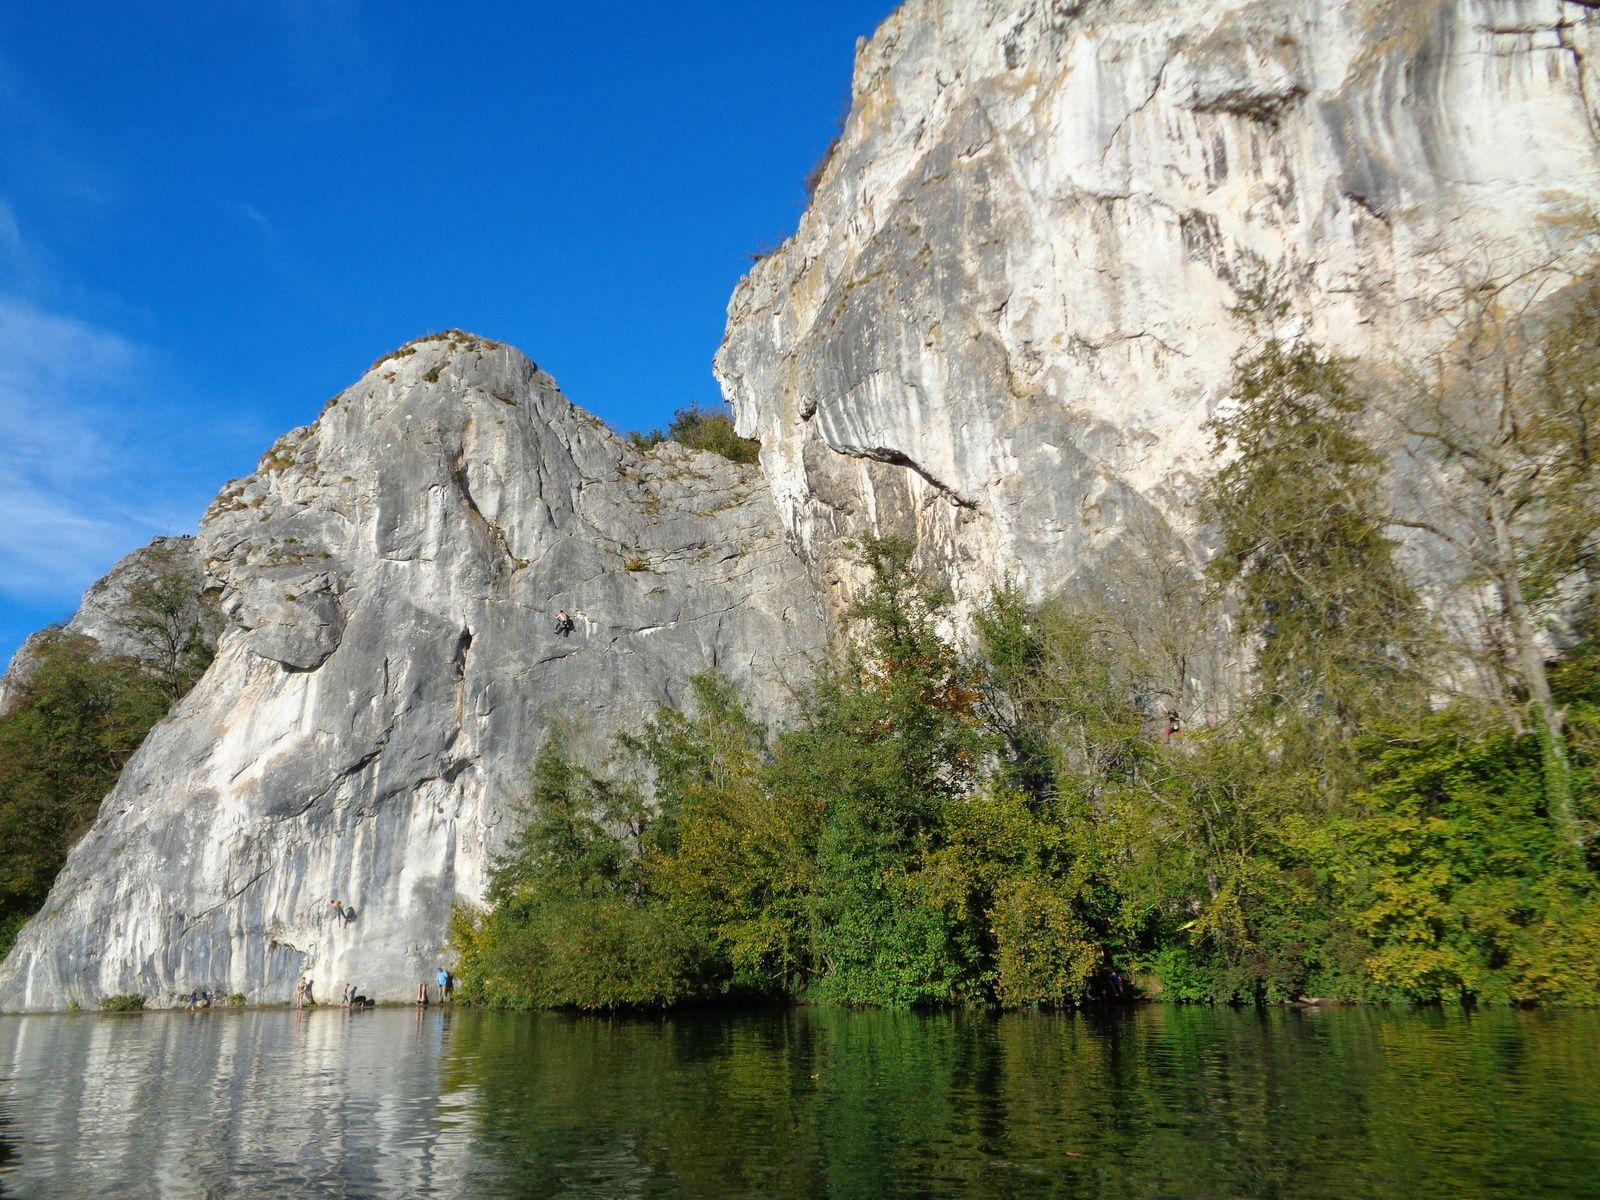 Notre croisière sur la Meuse